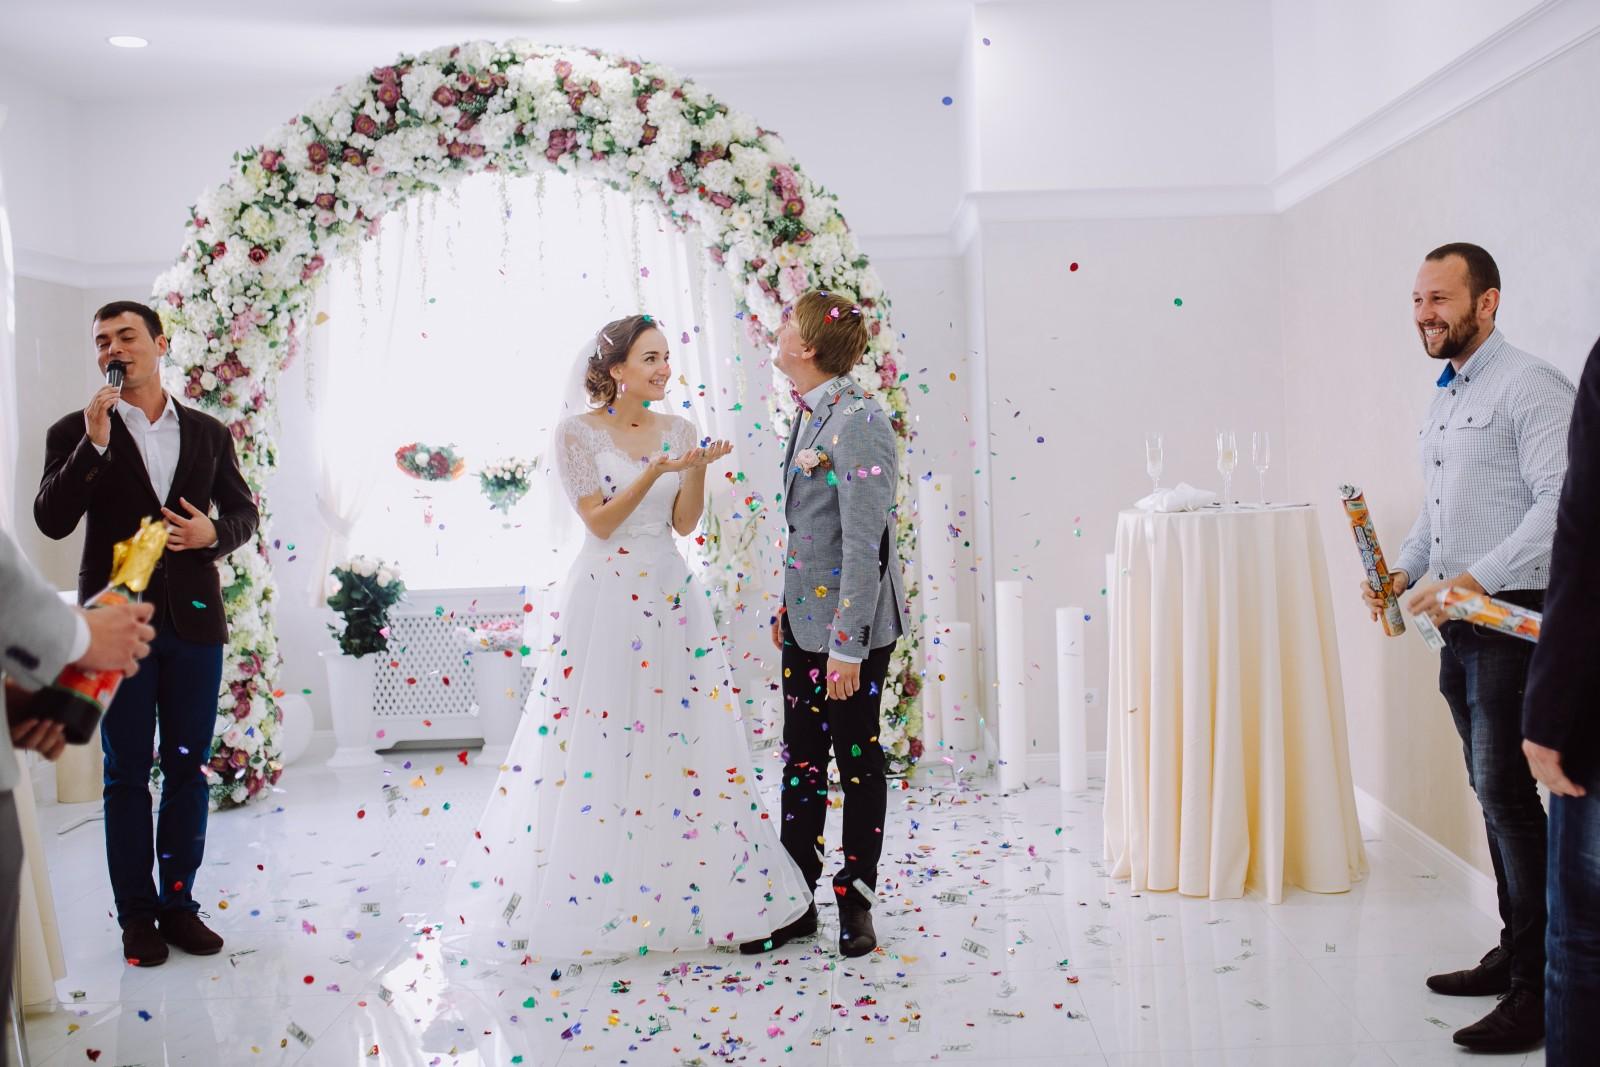 Фото интересных поздравлений свадьбы